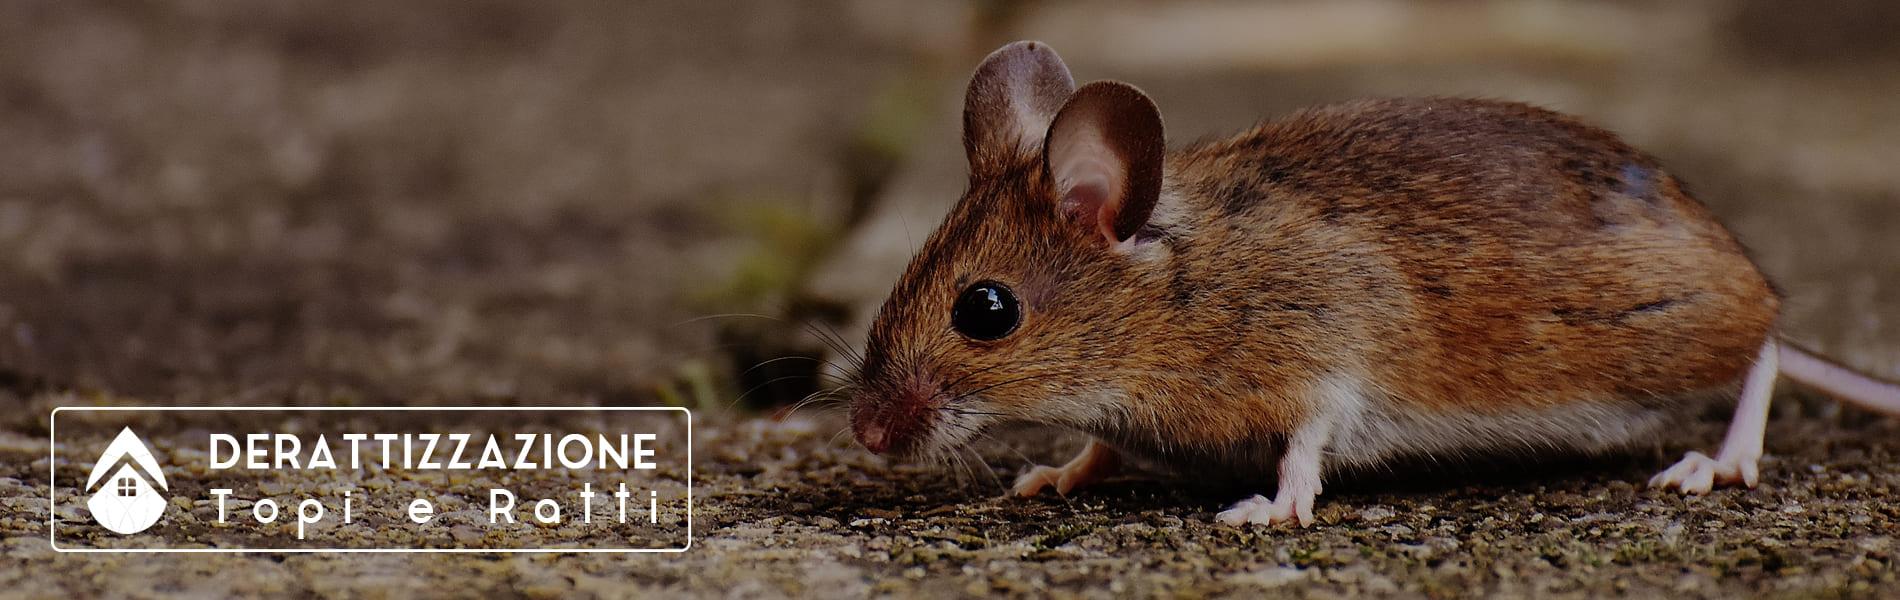 Derattizzazione topi e ratti | Emmada